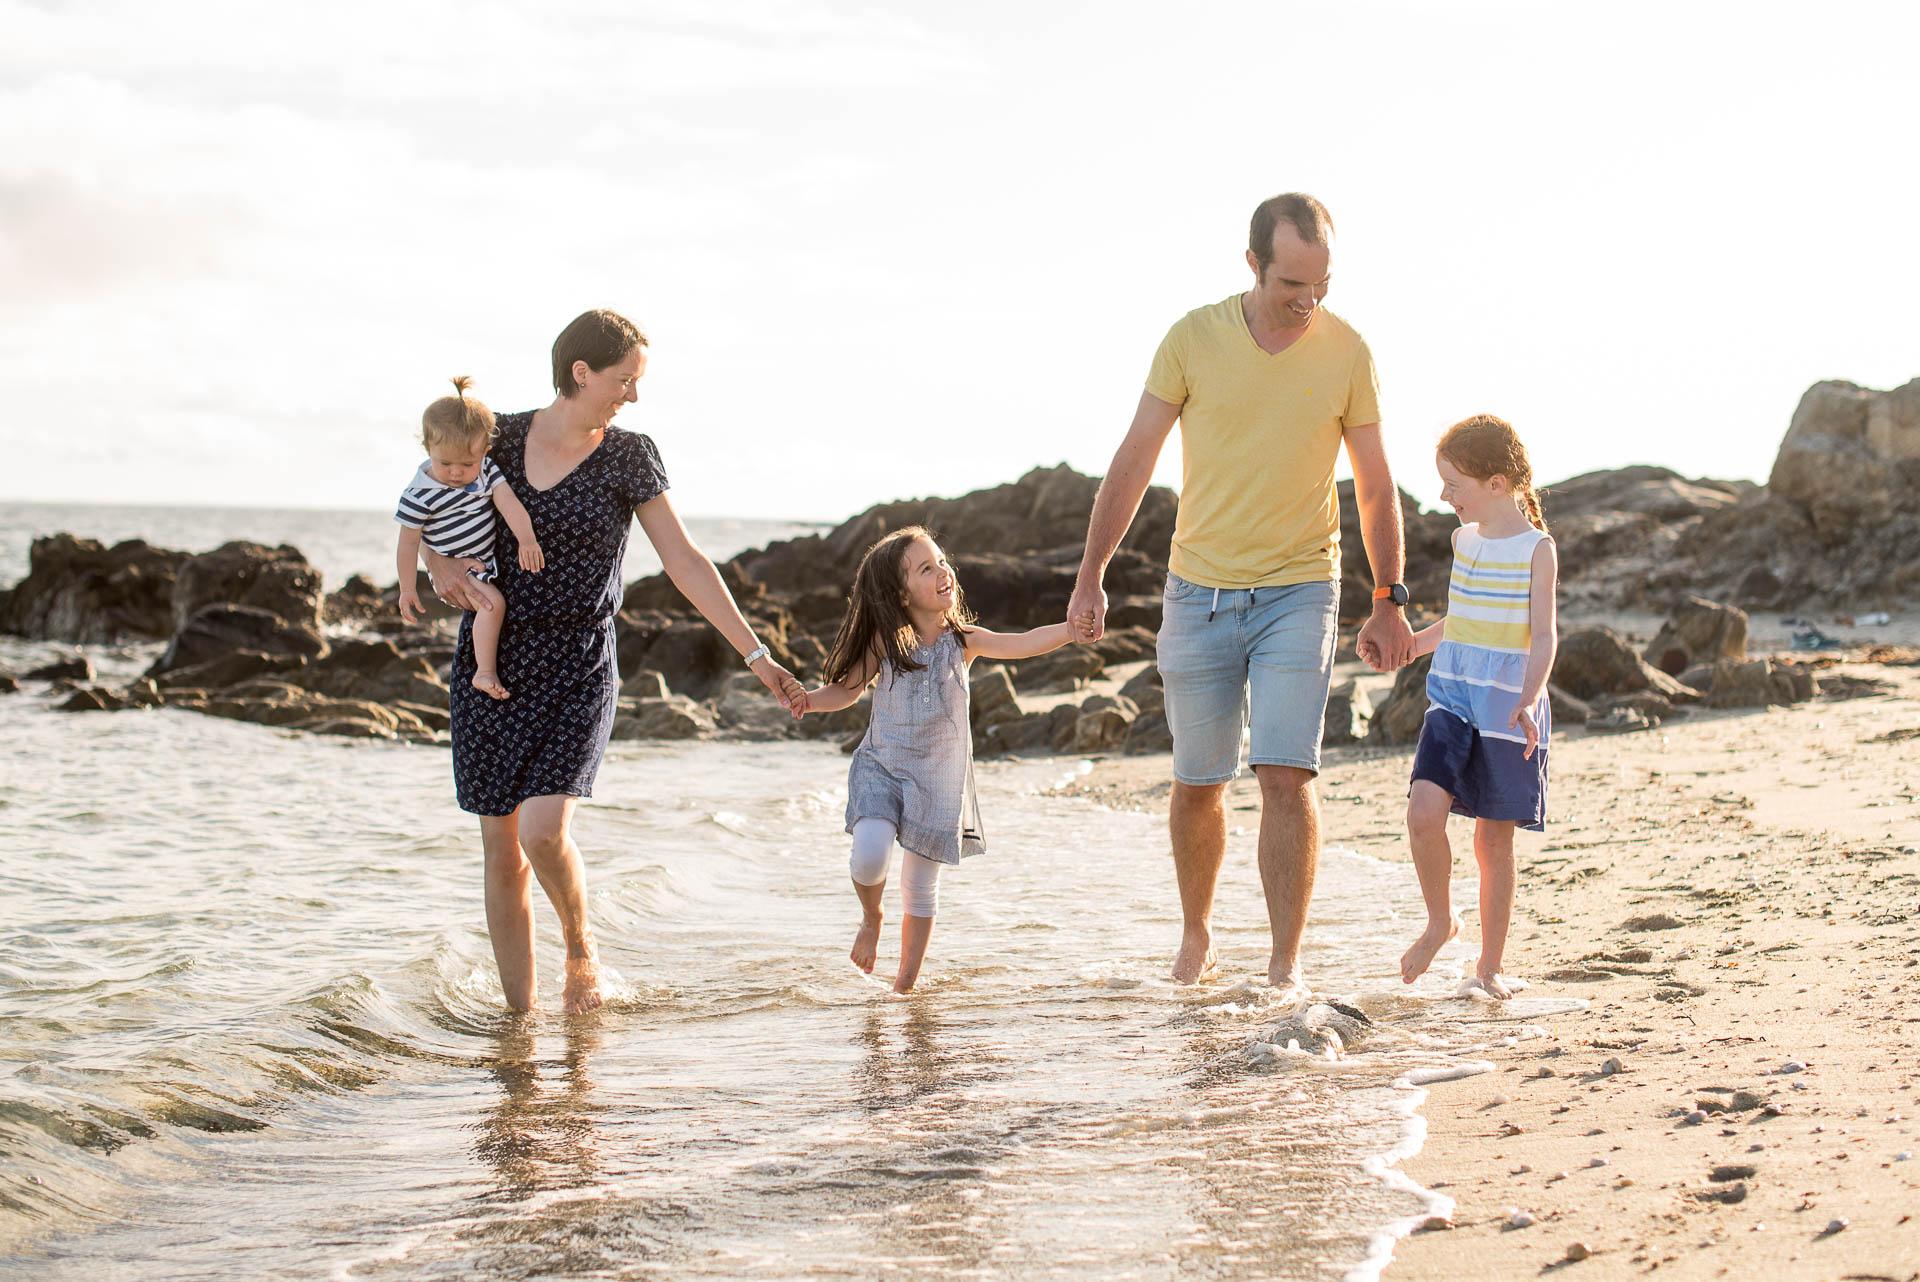 séance famille plage